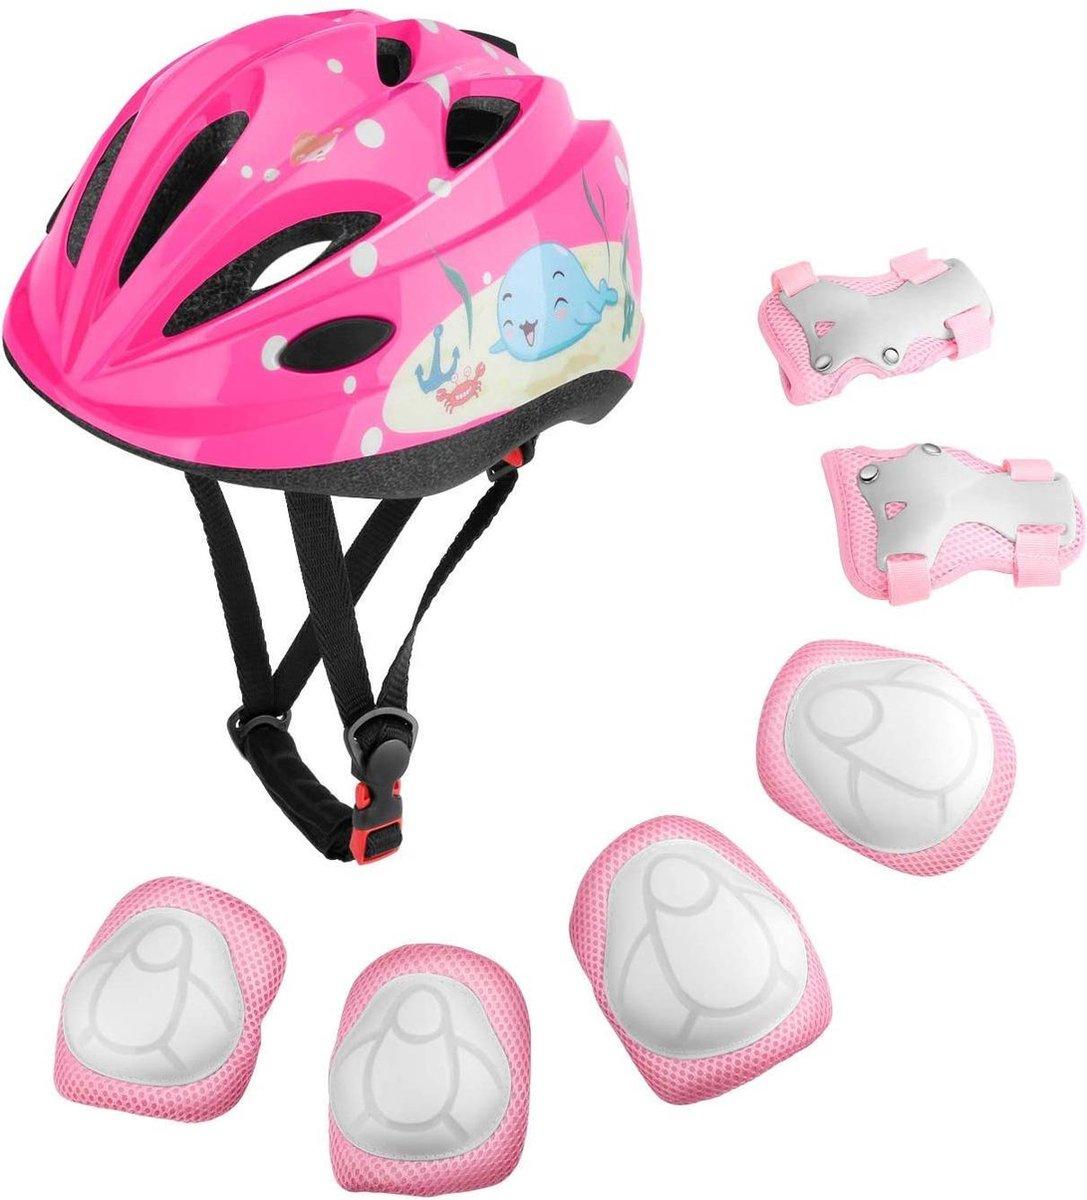 Beschermingsset voor kinderen, verstelbare helm, kniebeschermers, elleboogbeschermers, polsbeschermers voor skateboarden, inline scooter, schaatsen, wielrennen, fietsen, BMX, fiets, scooter voor jongens en meisjes